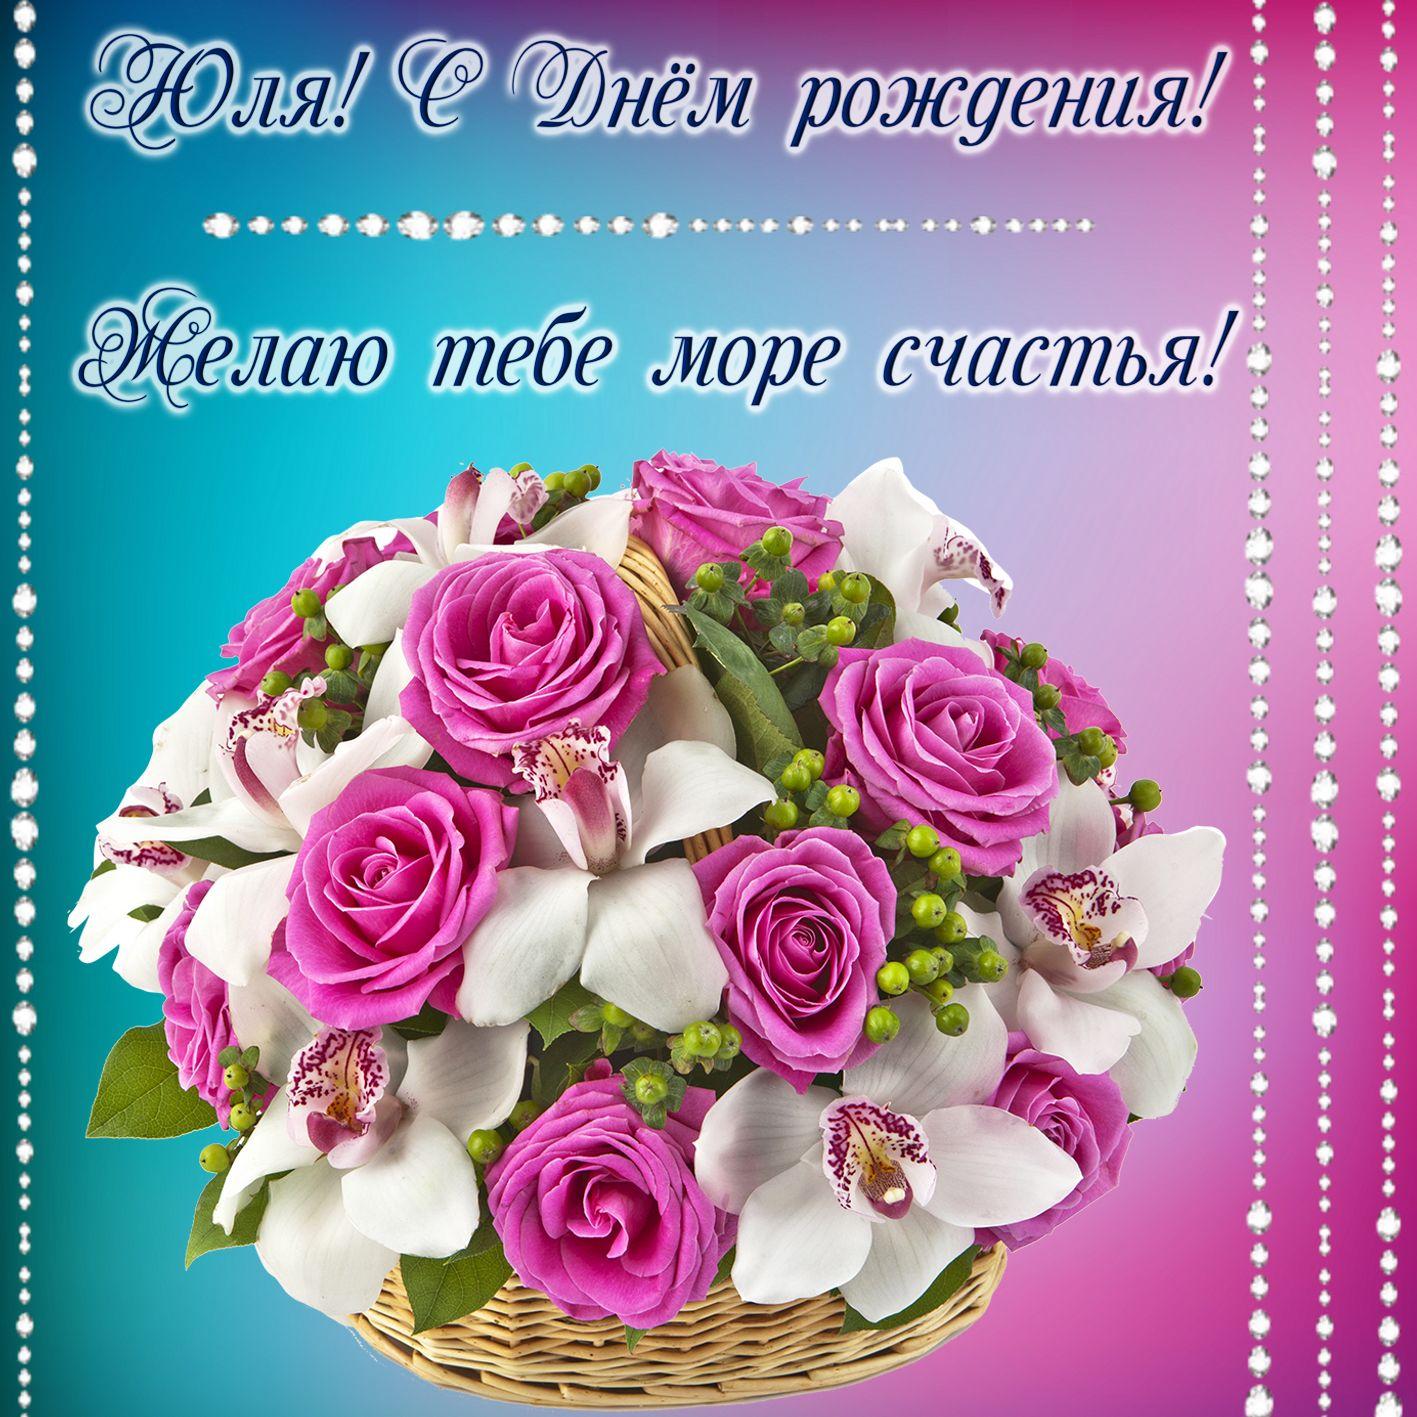 Московского, открытки с днем рождения девушке маме